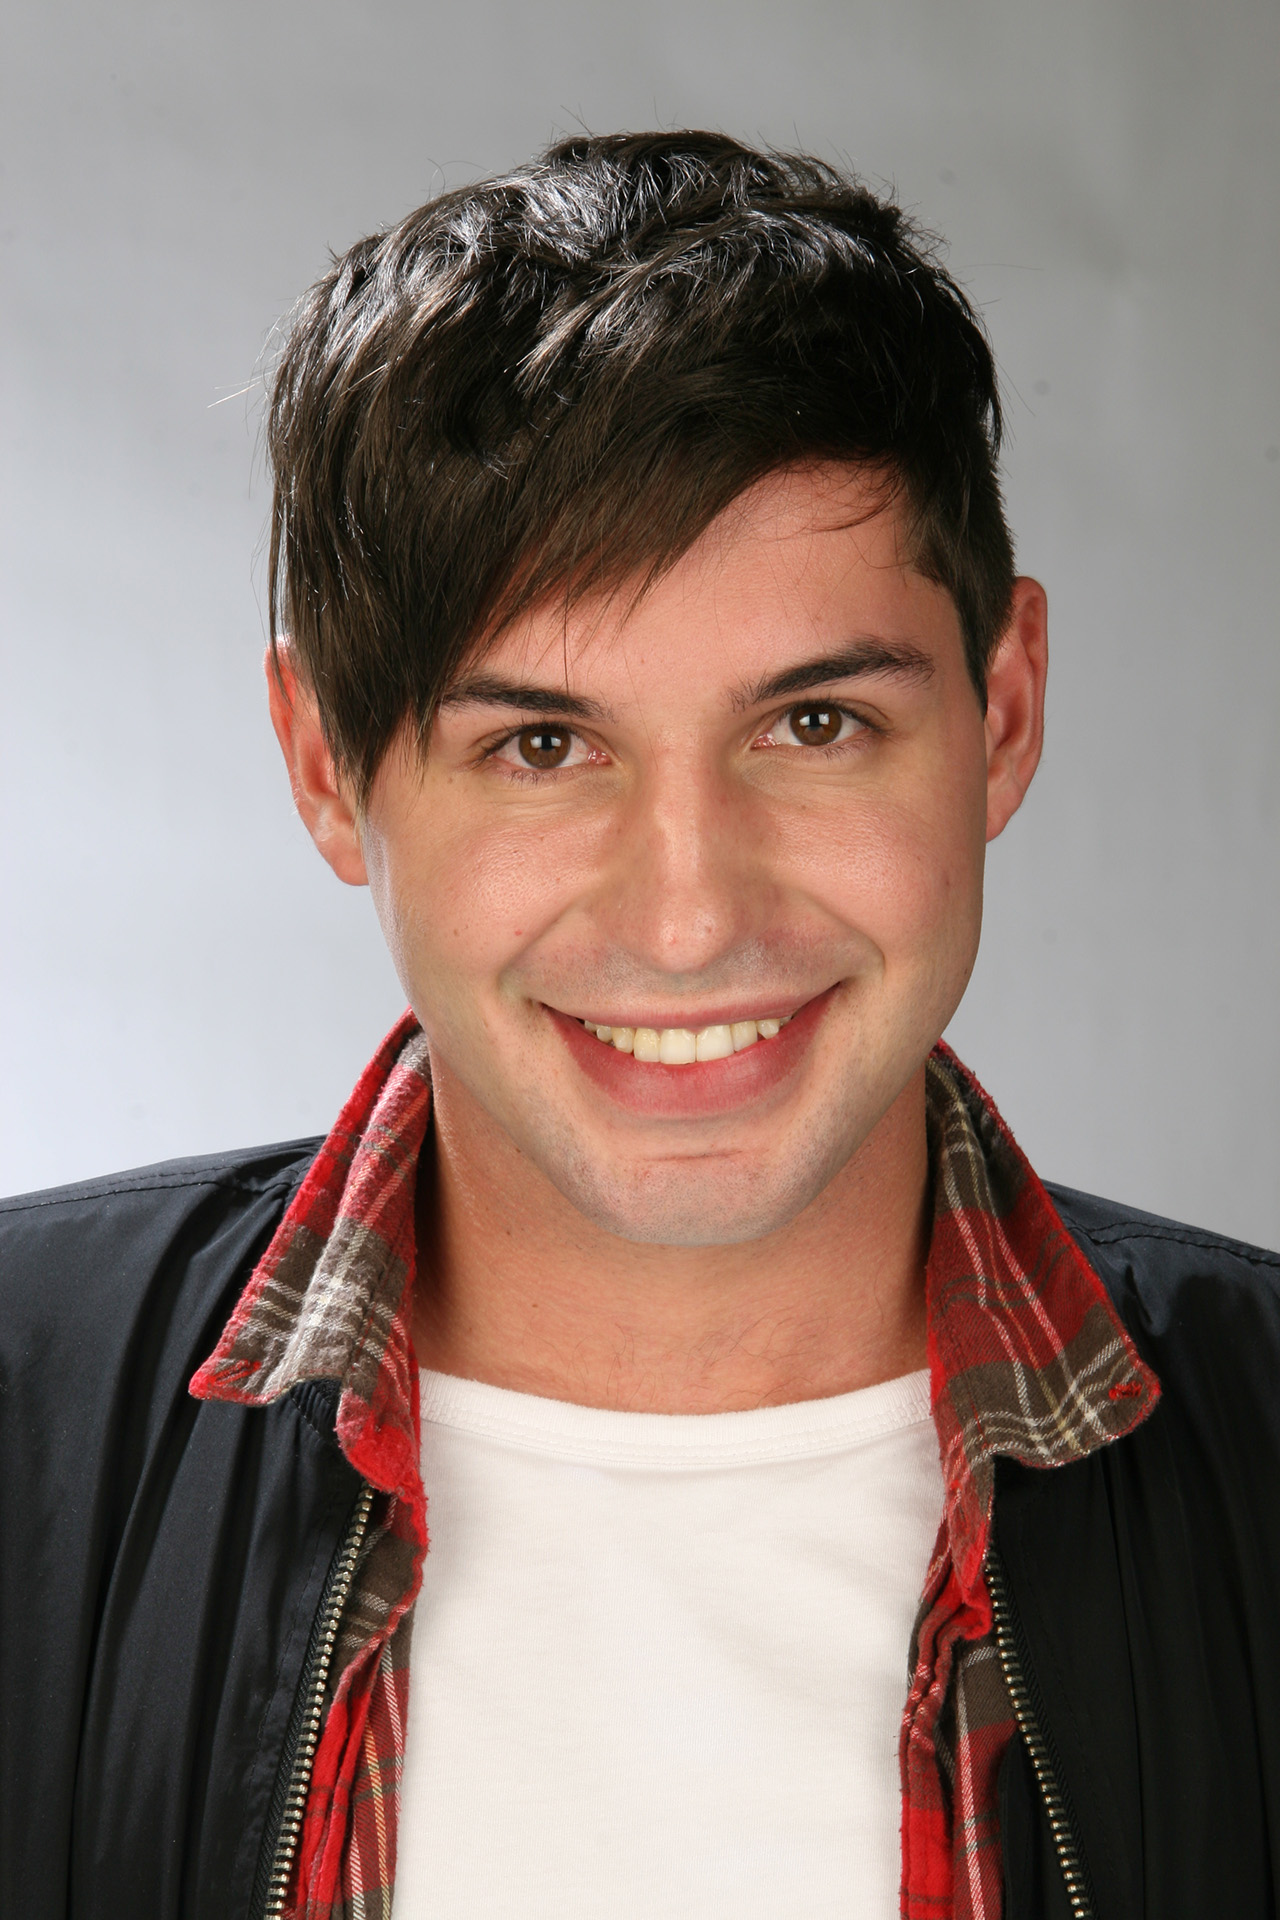 Josh L